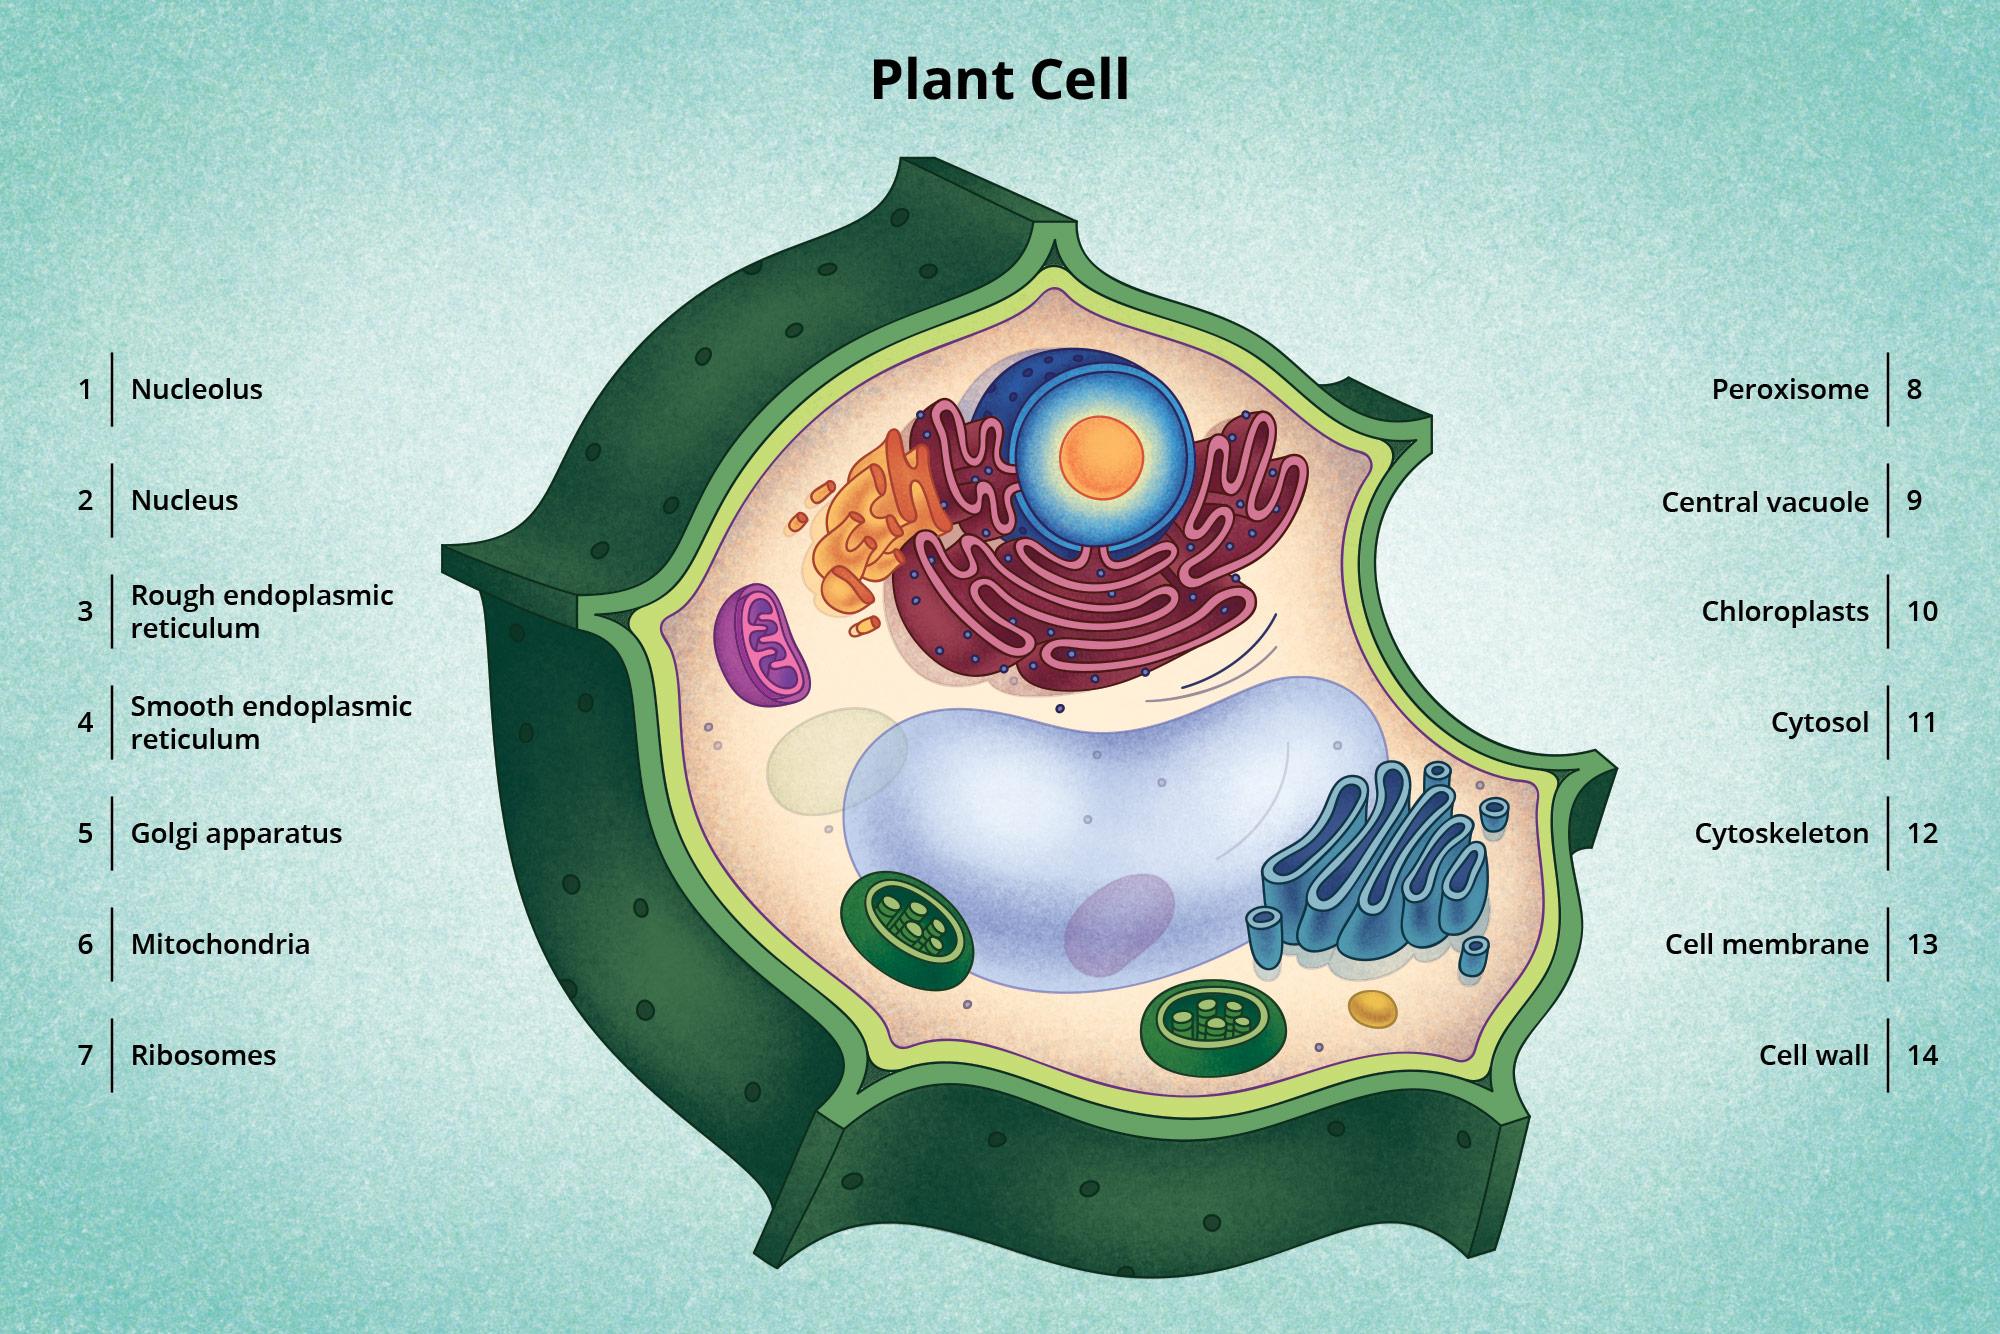 Visionlearning Plant Cell By Avidano Digital